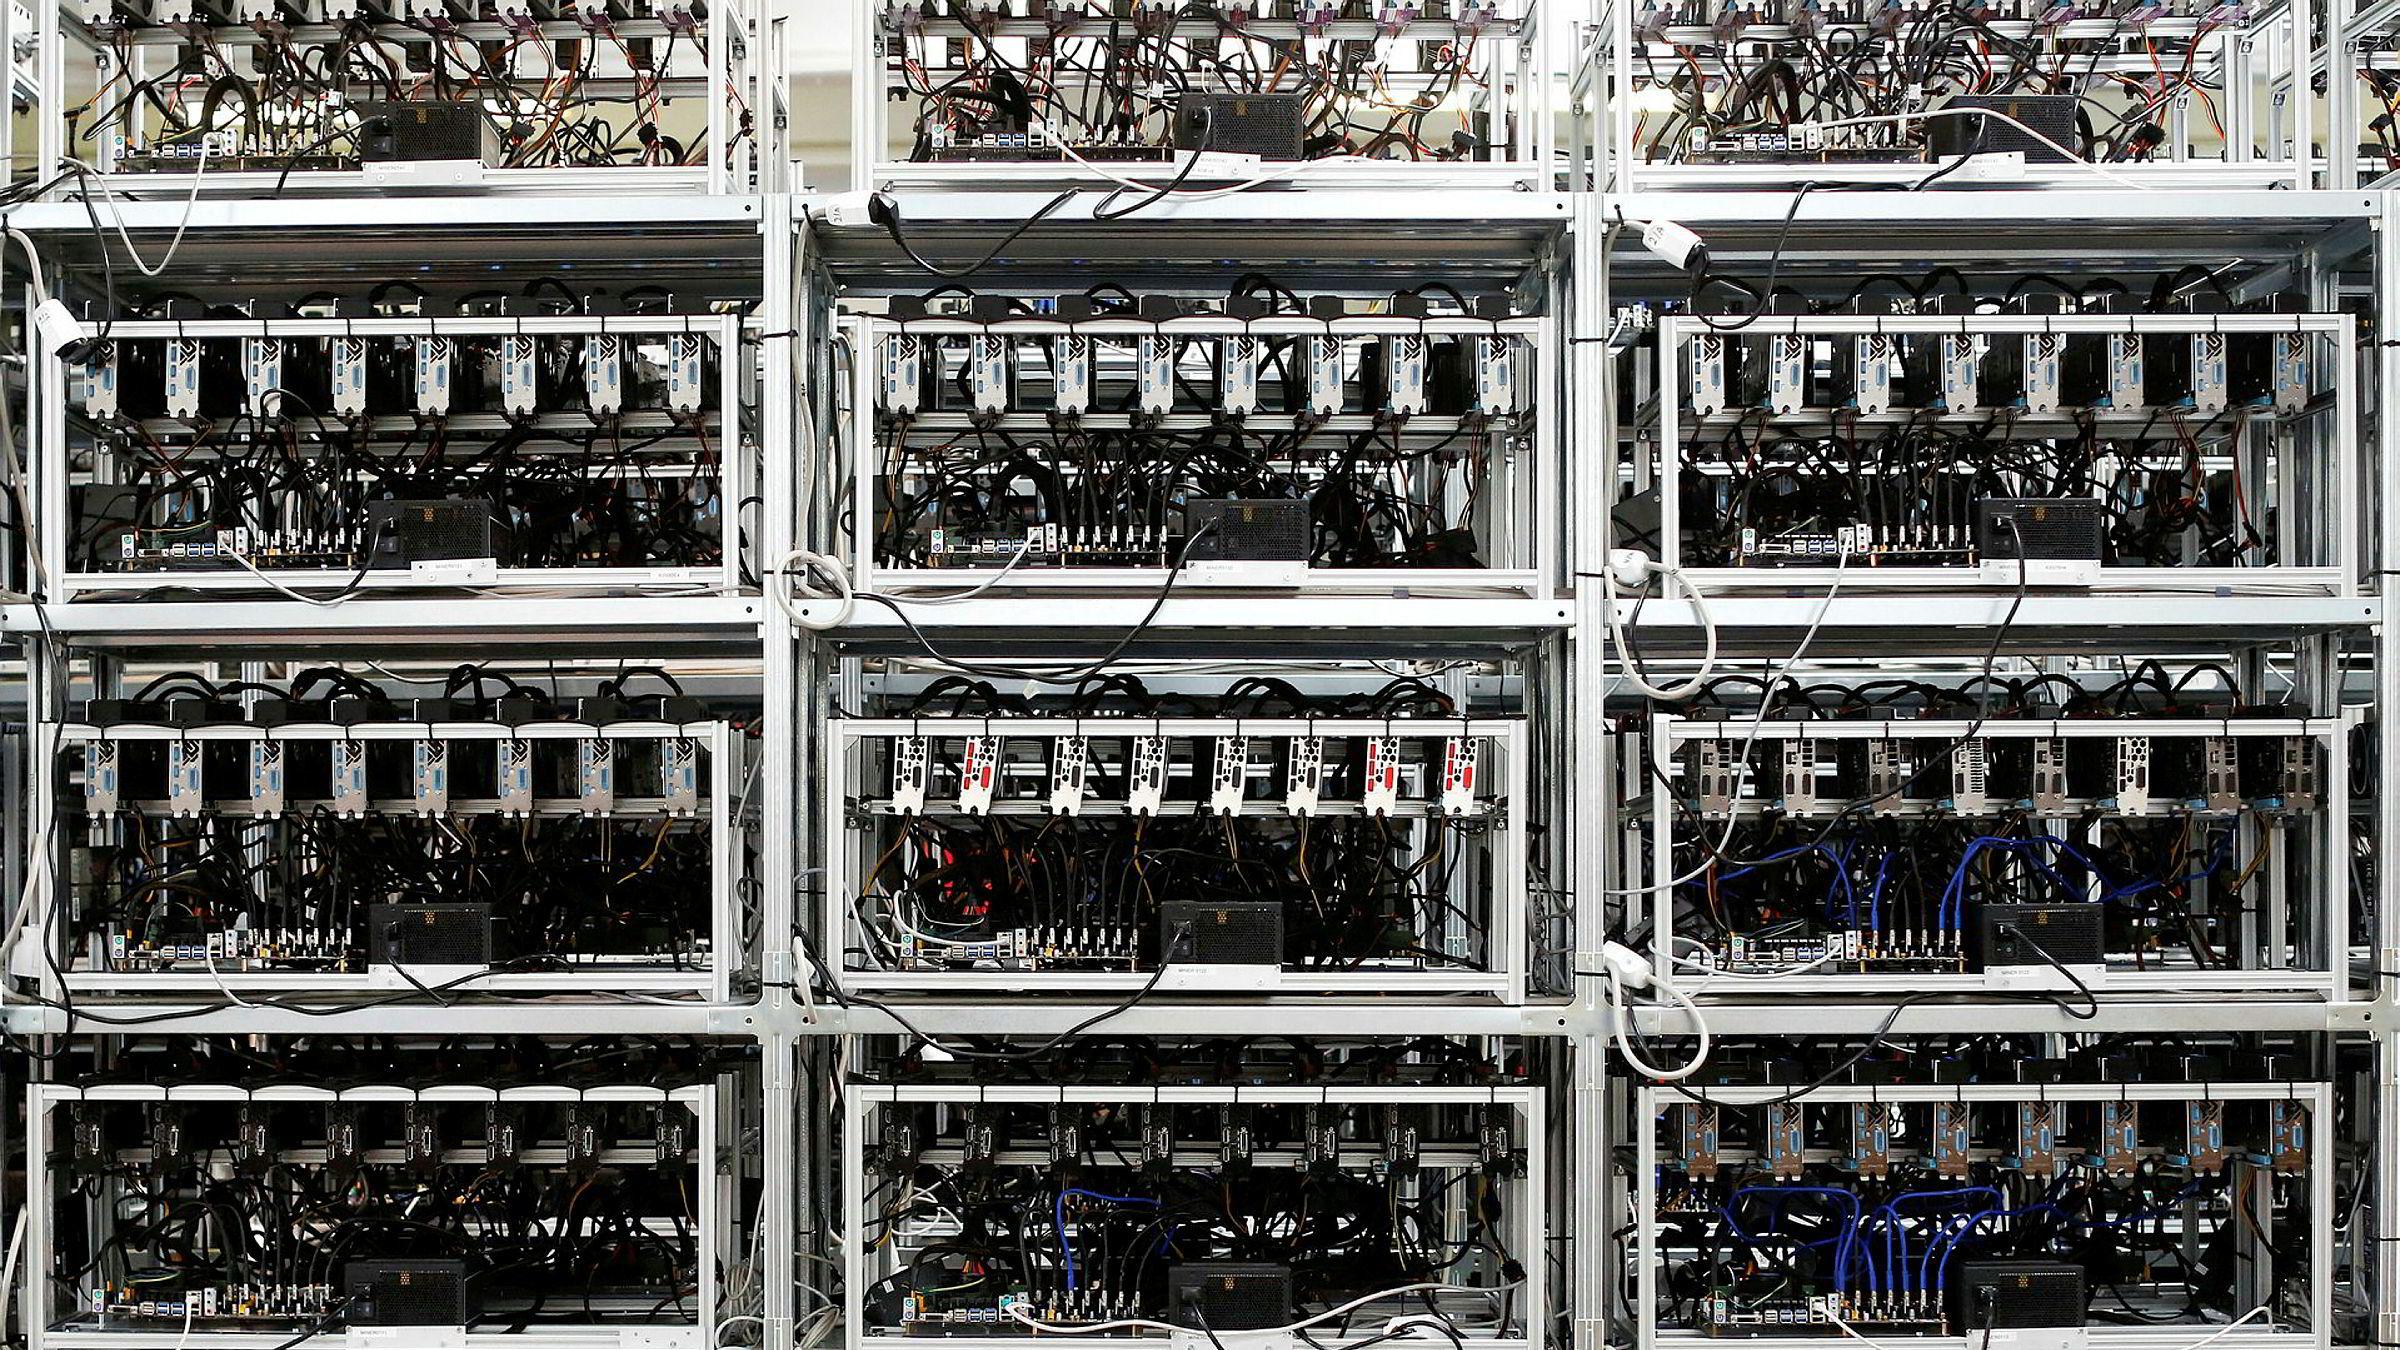 Store nyinnkjøpte datakomponenter skal ha blitt frastjålet nordmannen i Serbia. Her et arkivfoto av maskiner som driver utvinning av kryptovalutaen bitcoin.